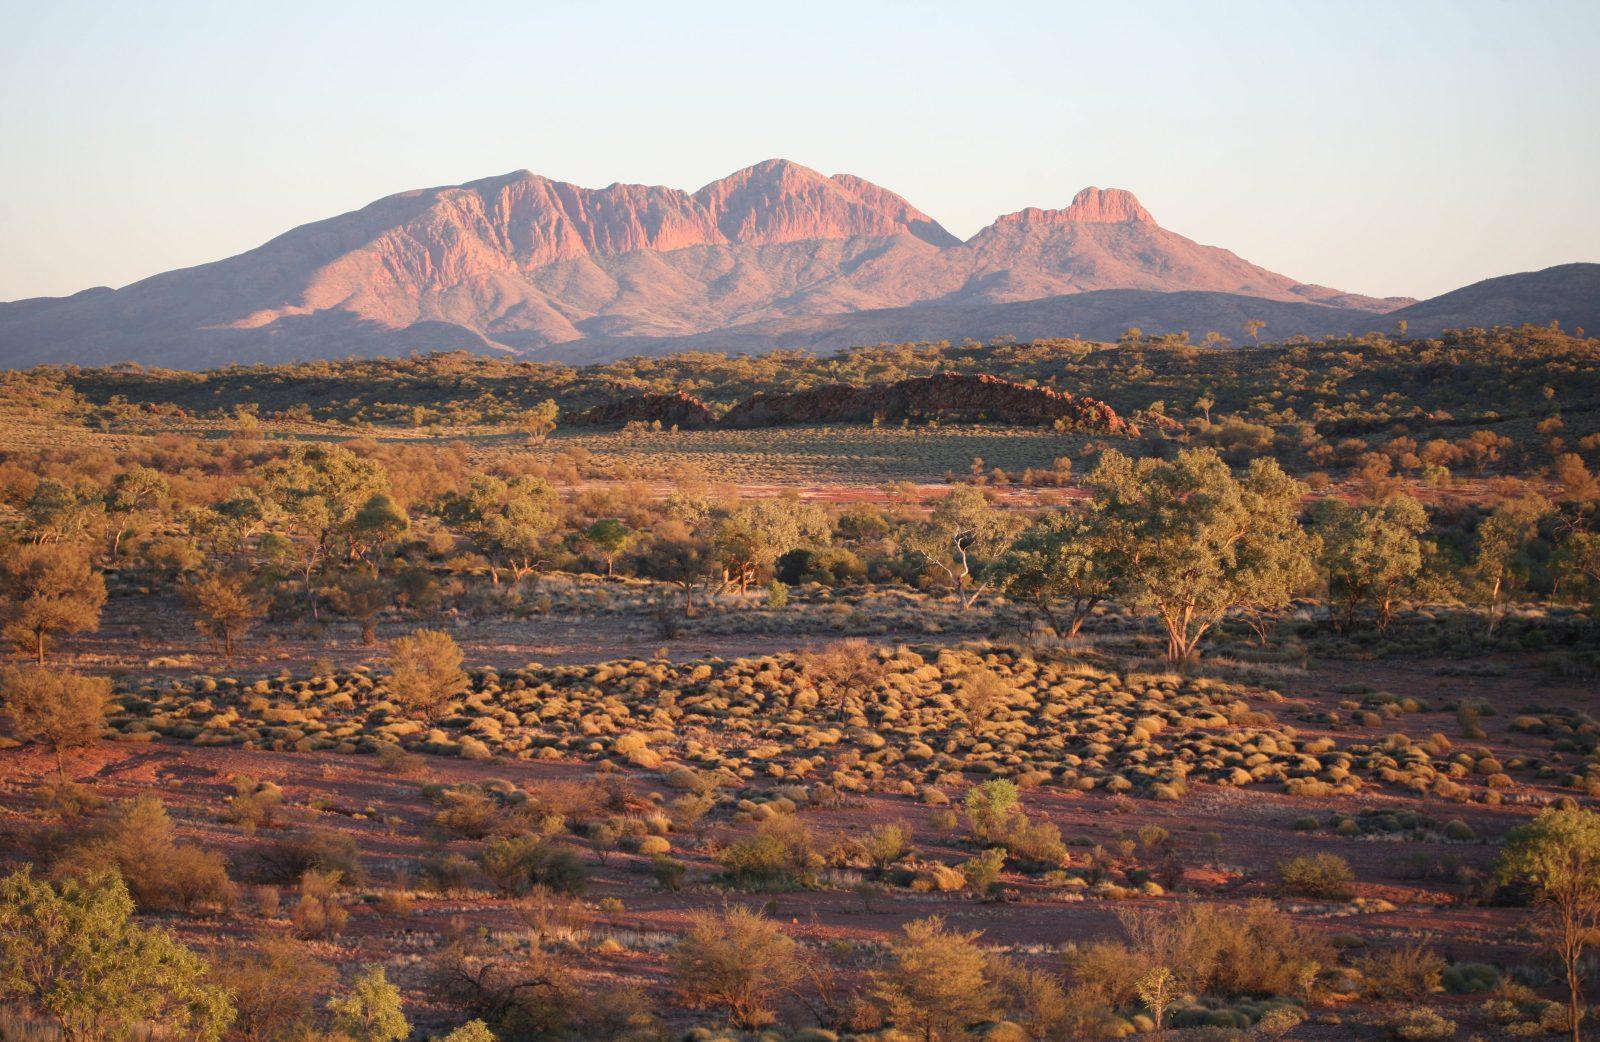 view across landscape to Mt Sonder